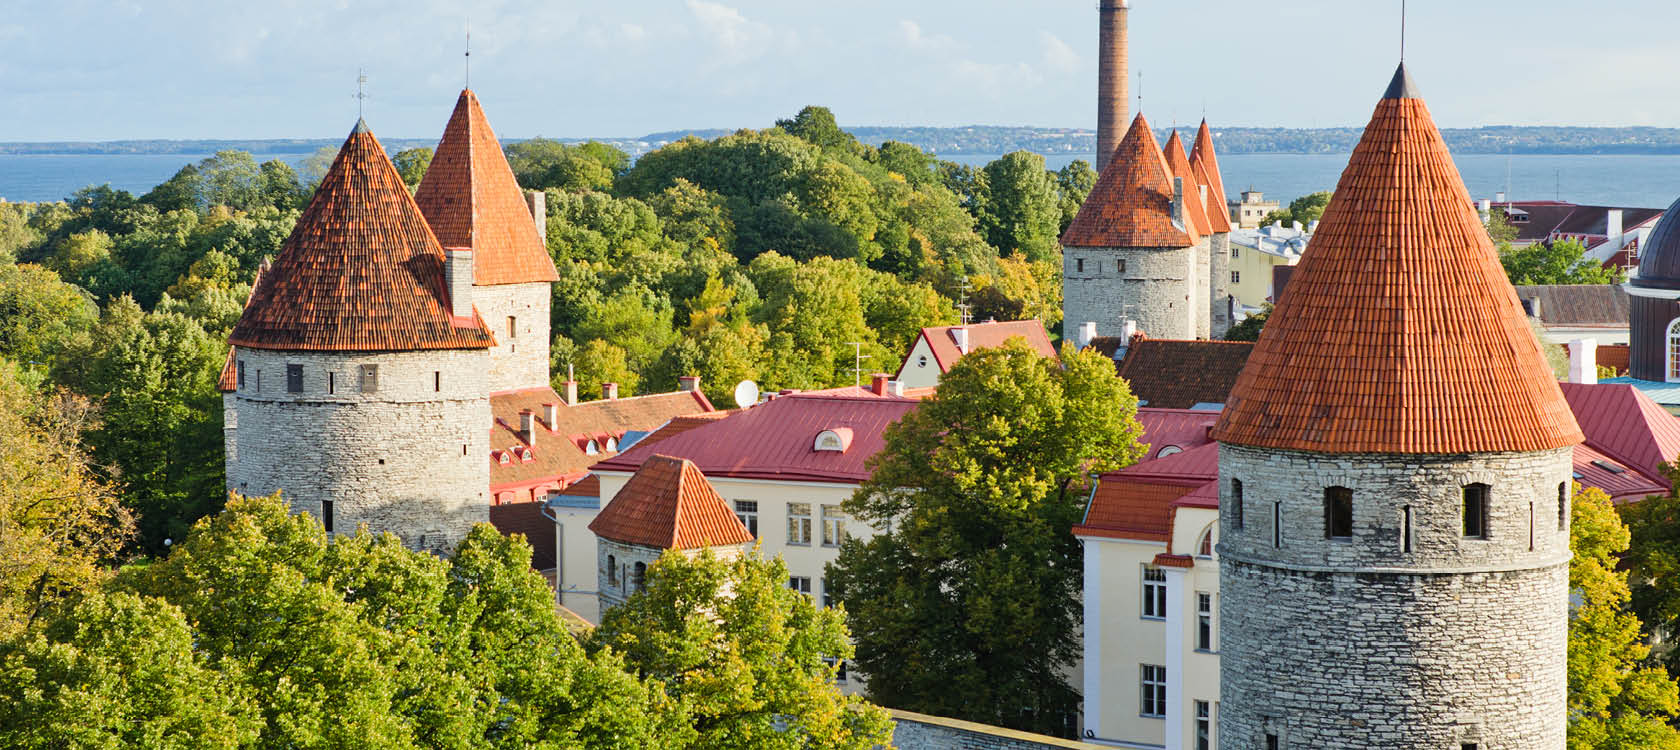 Utsikt över Tallinn i Estland.